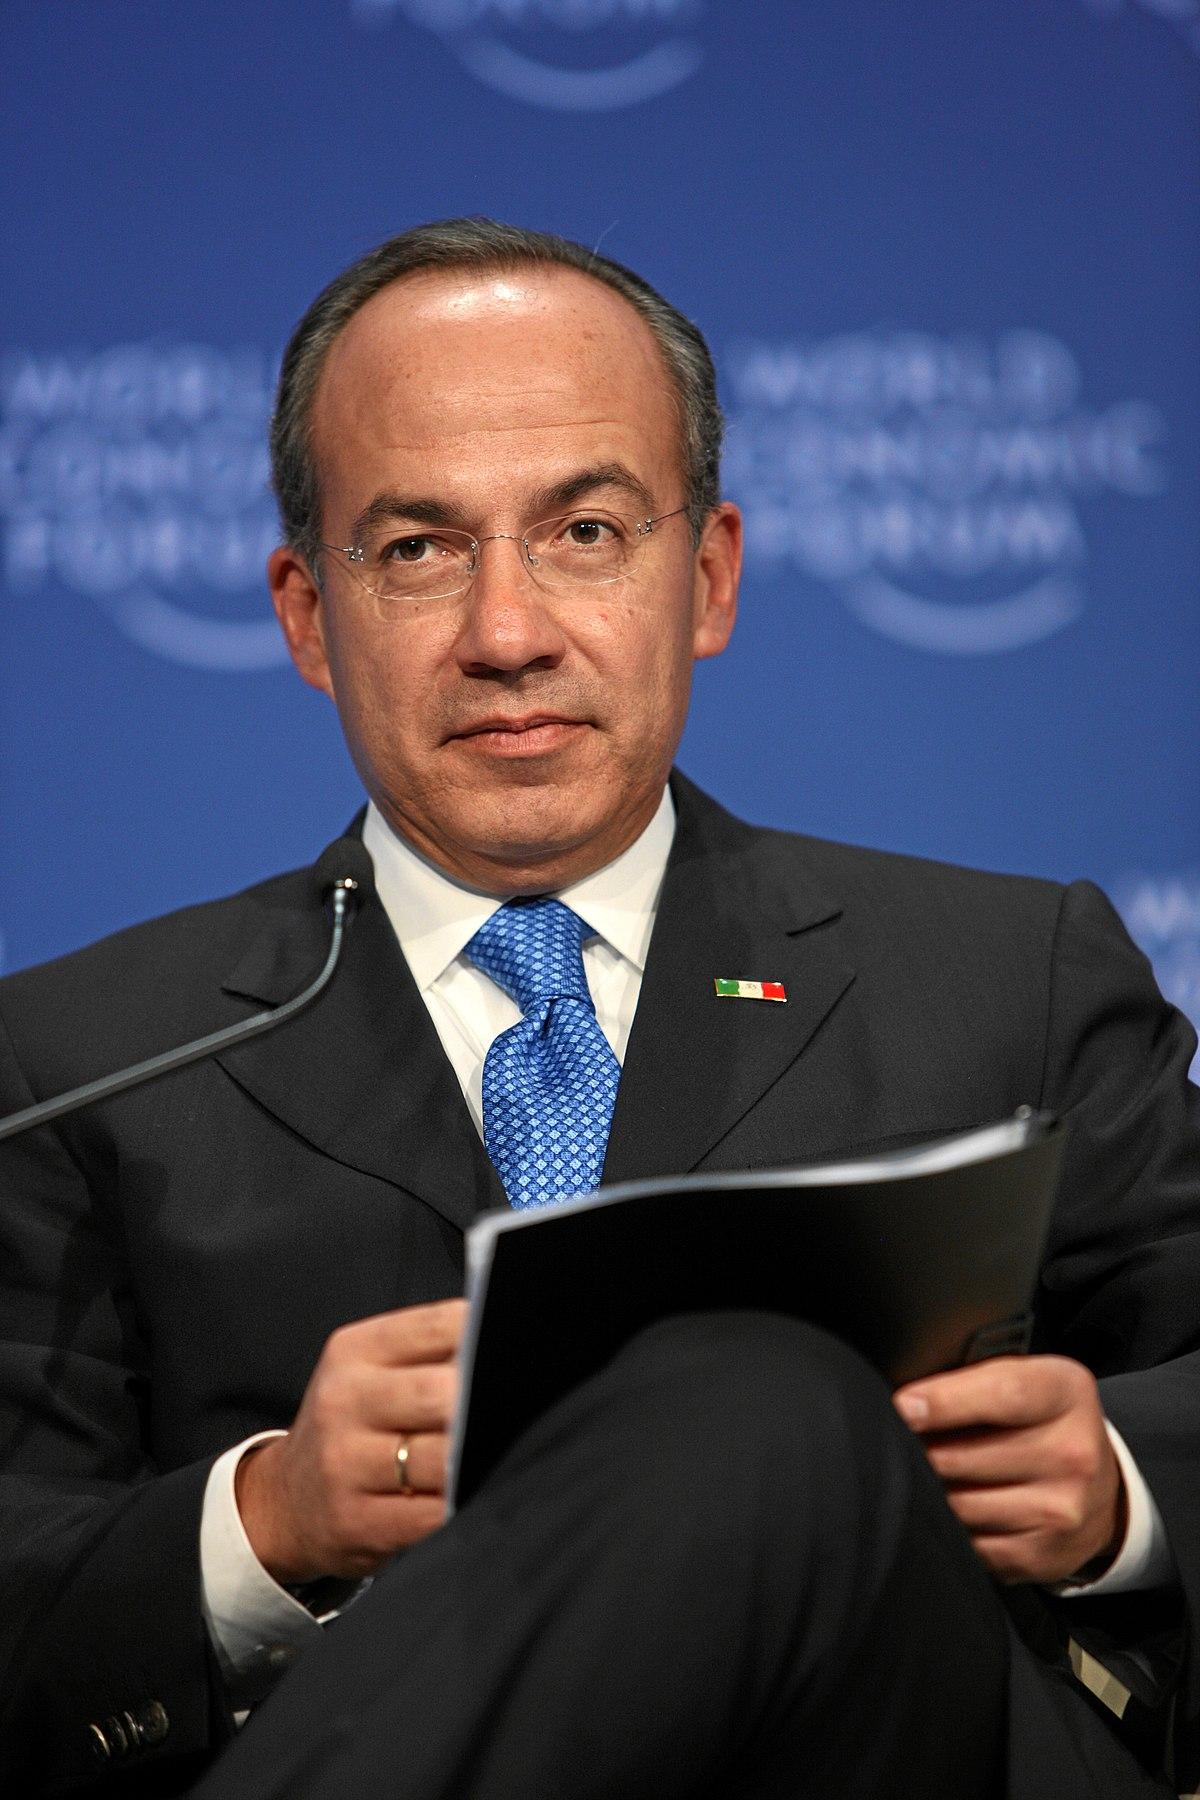 Felipe Calderón - Wikipedia Felipe Calderon